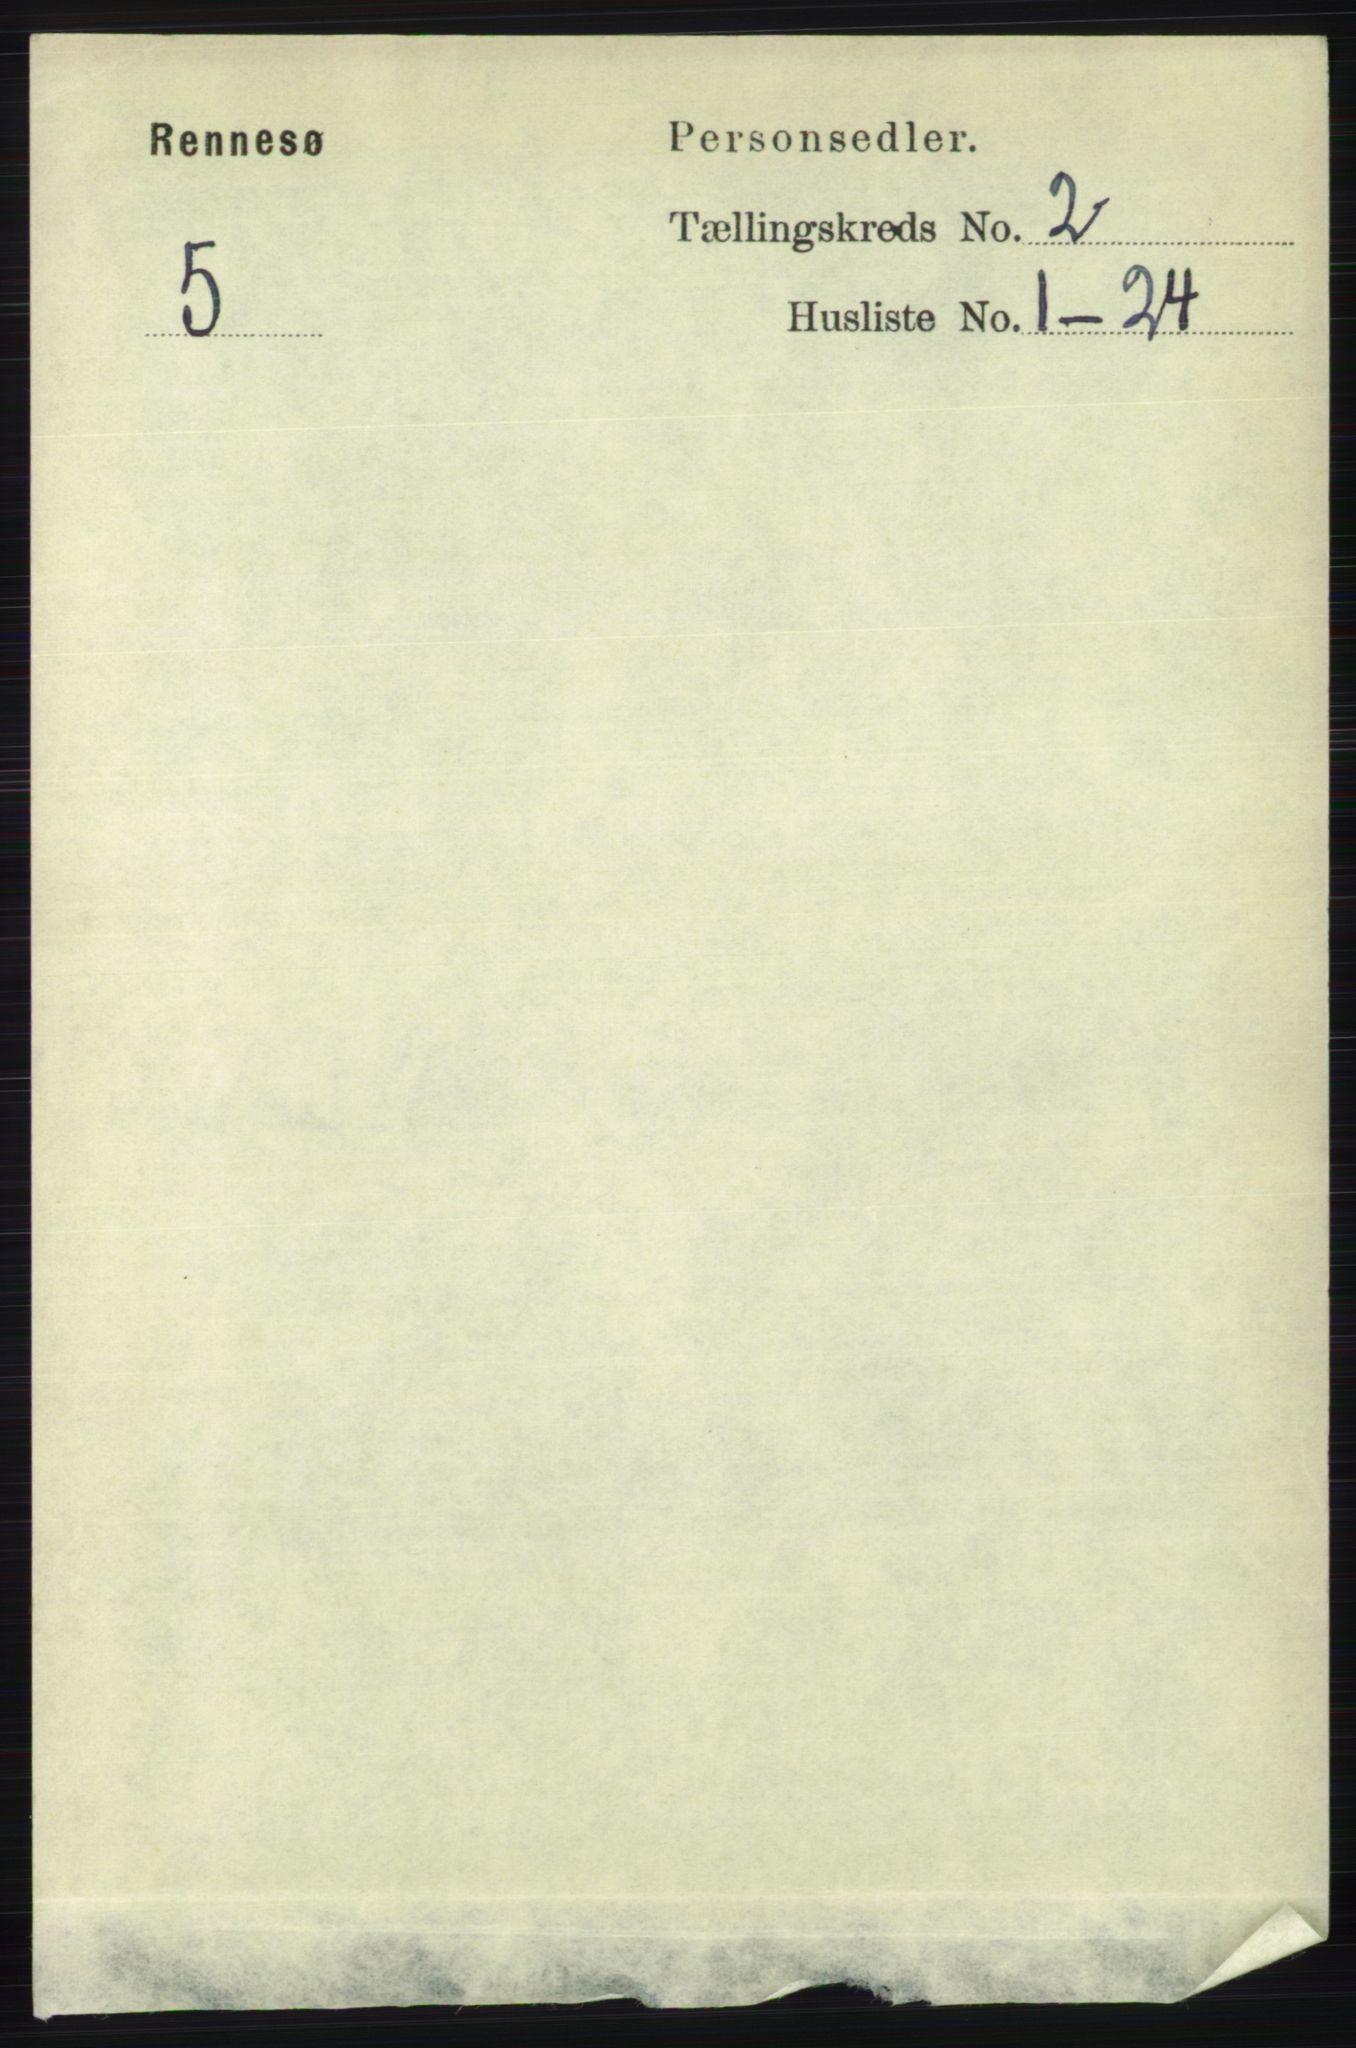 RA, Folketelling 1891 for 1142 Rennesøy herred, 1891, s. 454